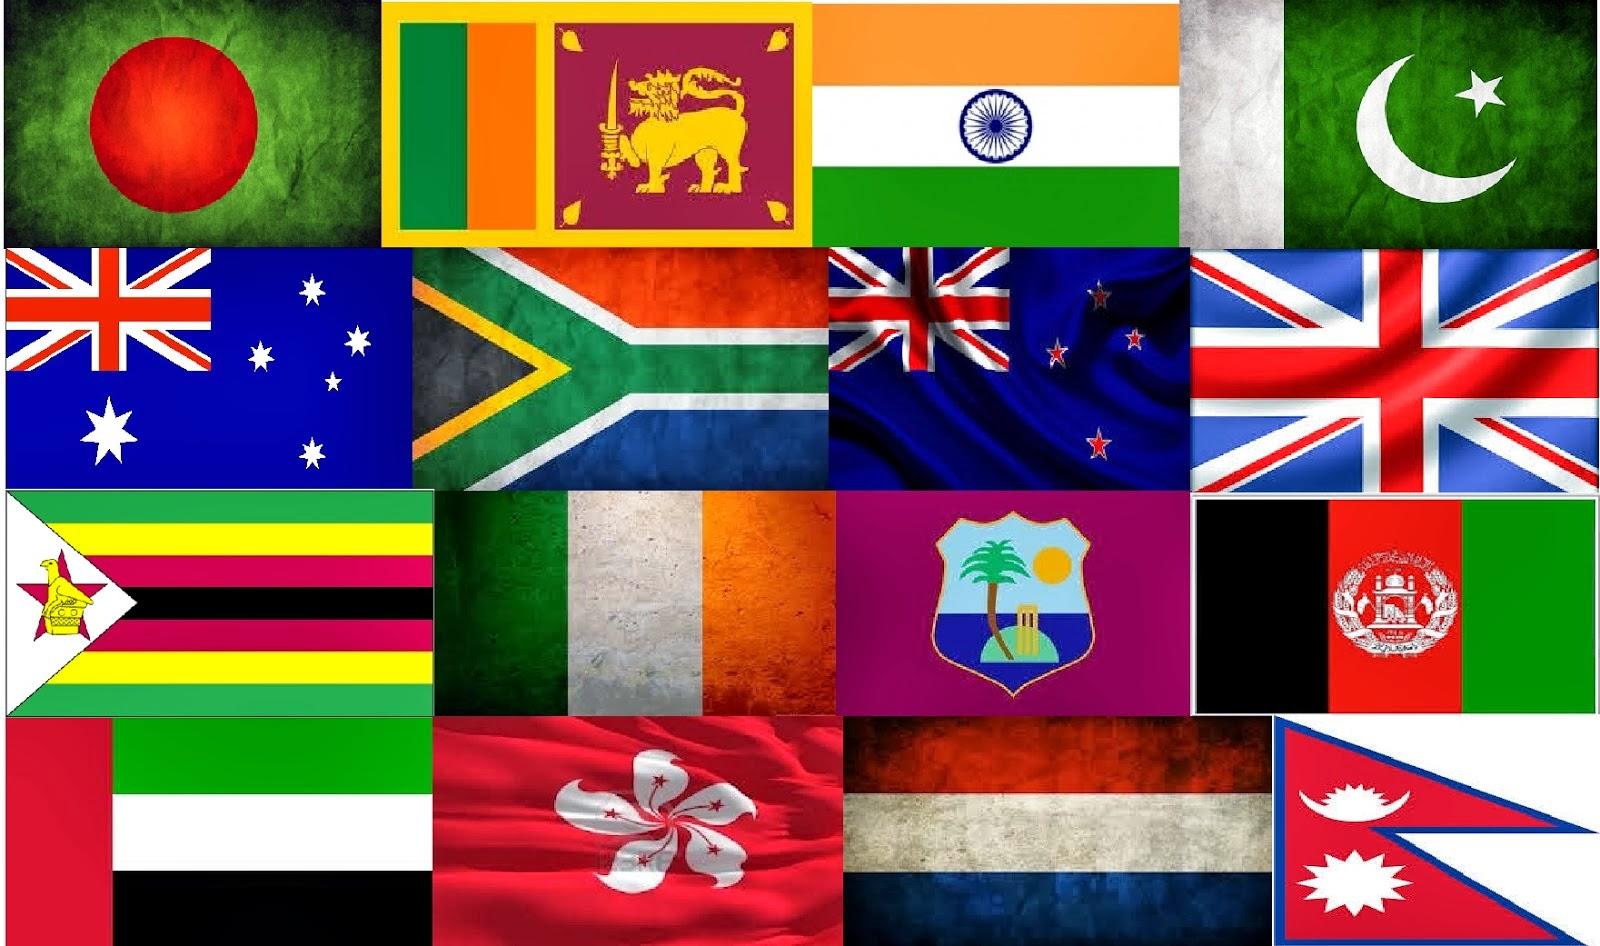 cricket-t20-worldcup-2014-teams